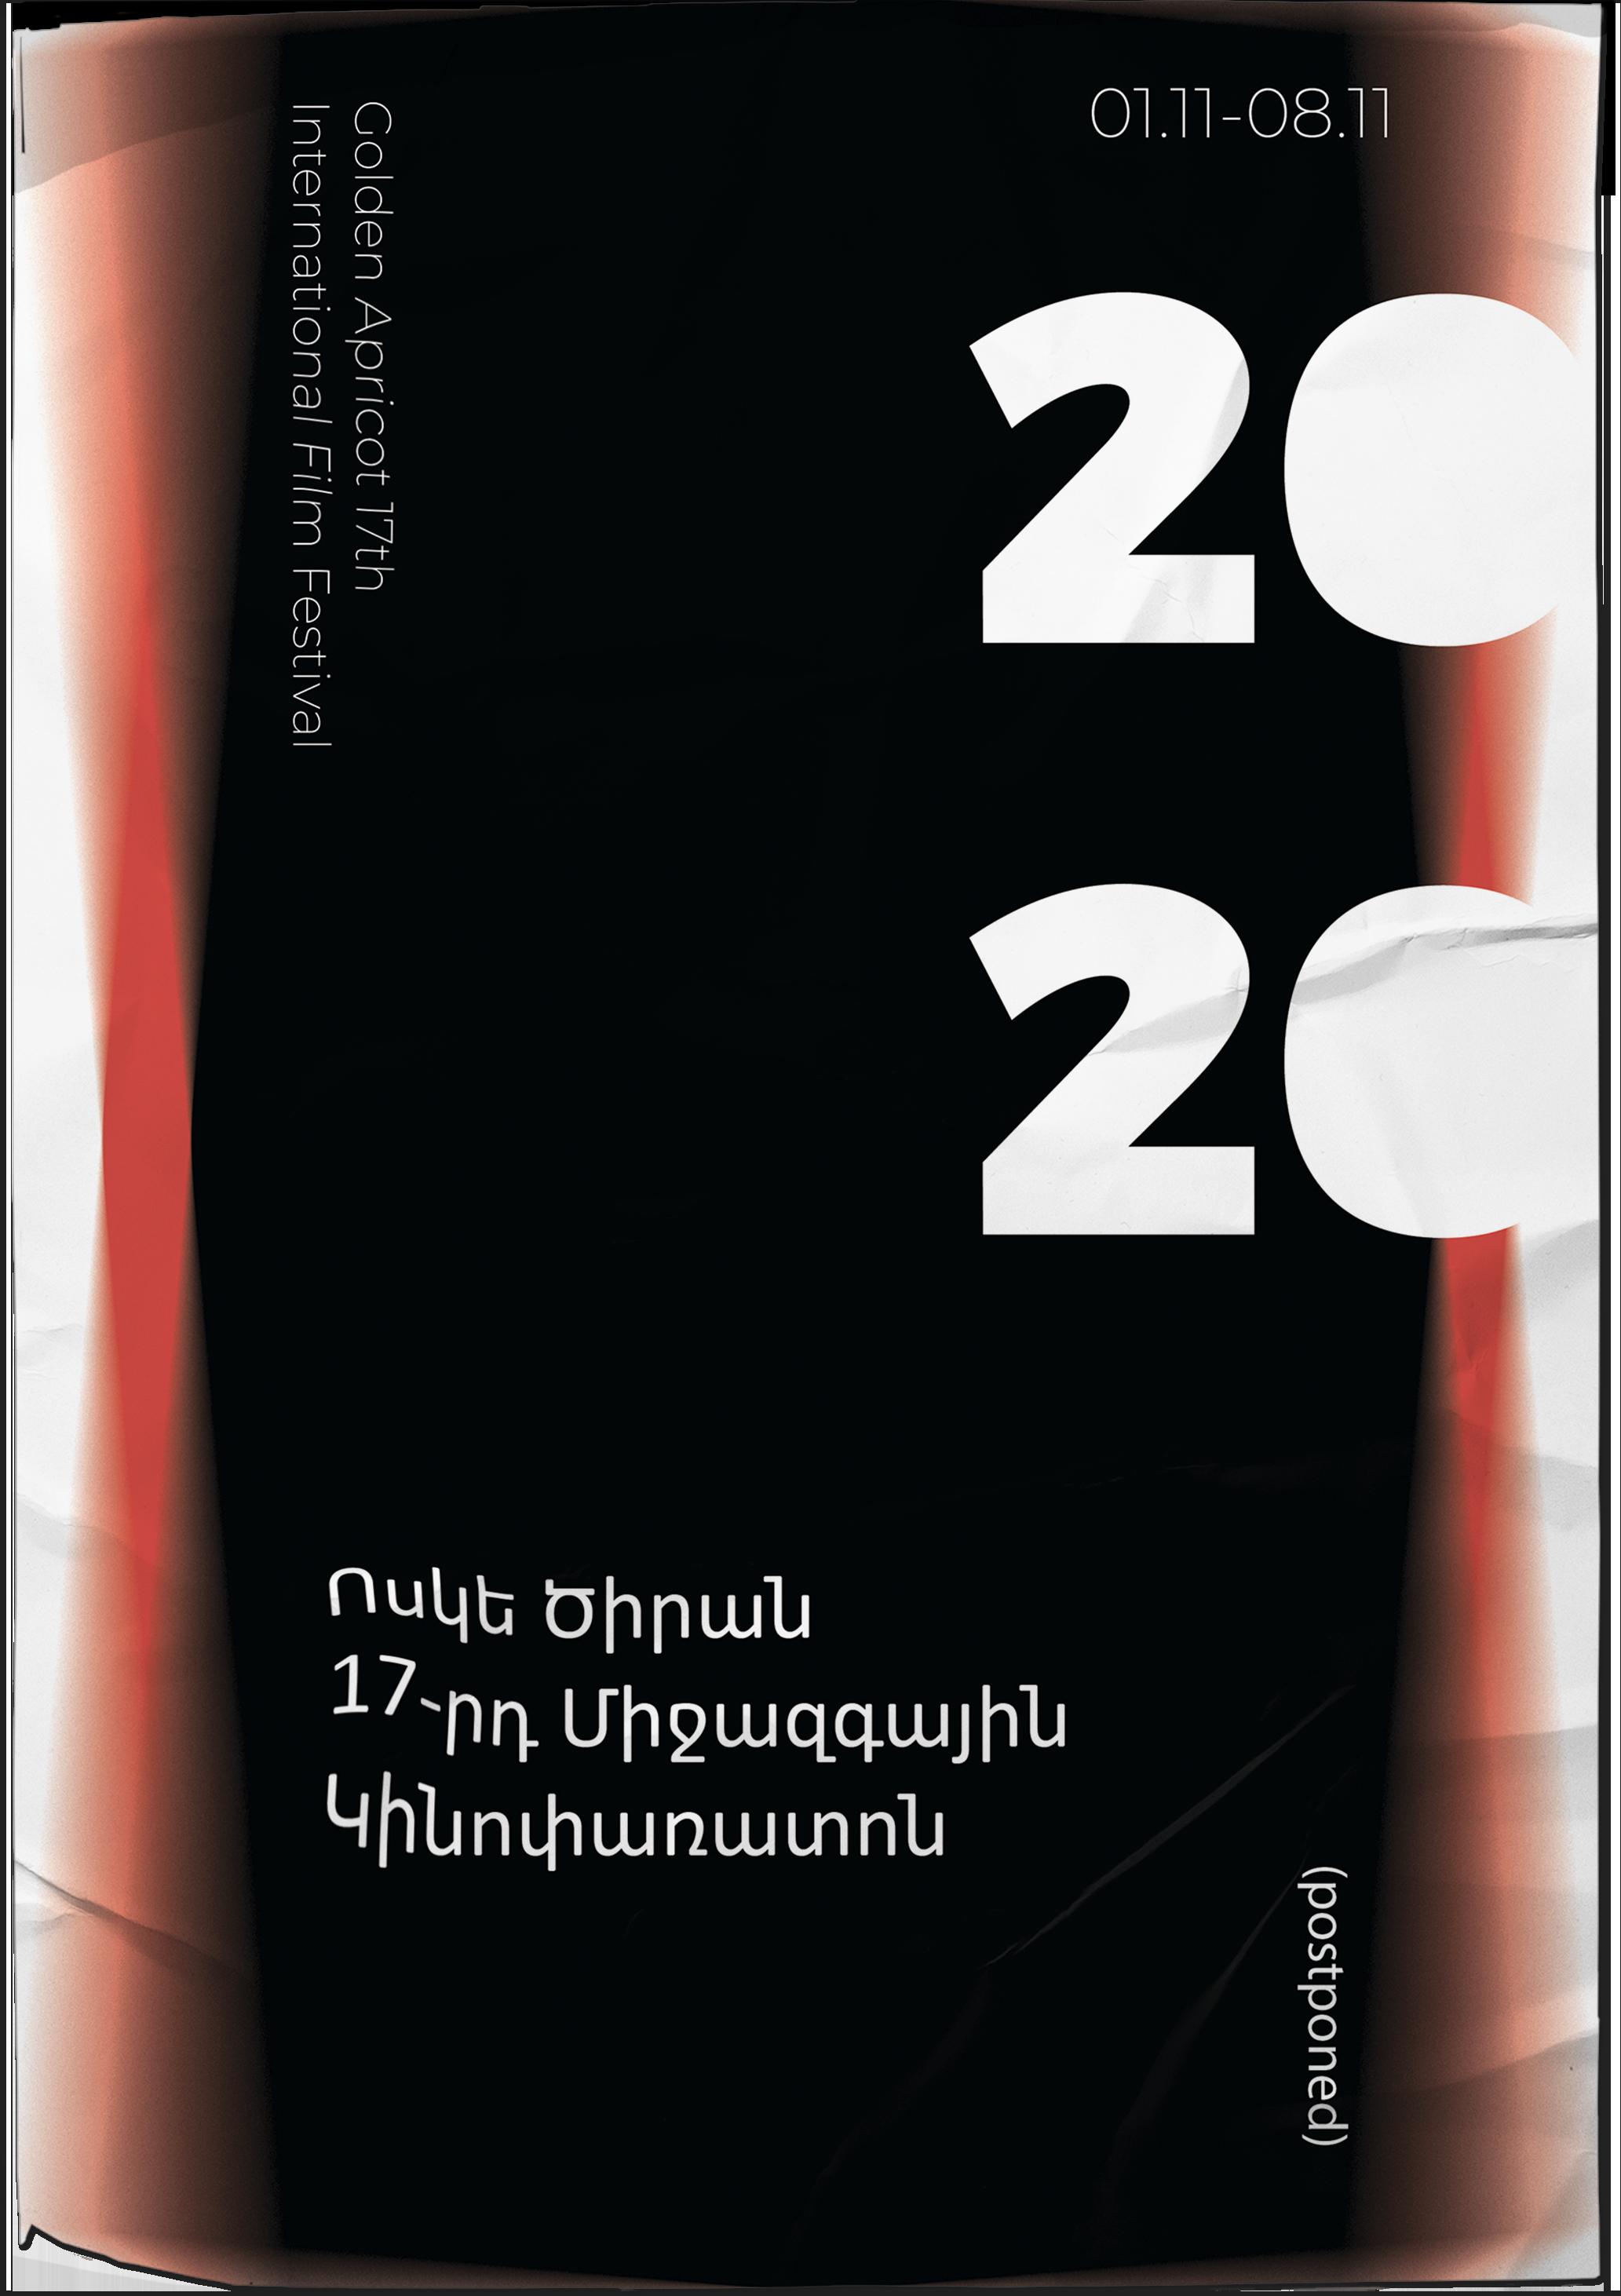 5031 - Թումո ստուդիաների բացման ցուցահանդեսը